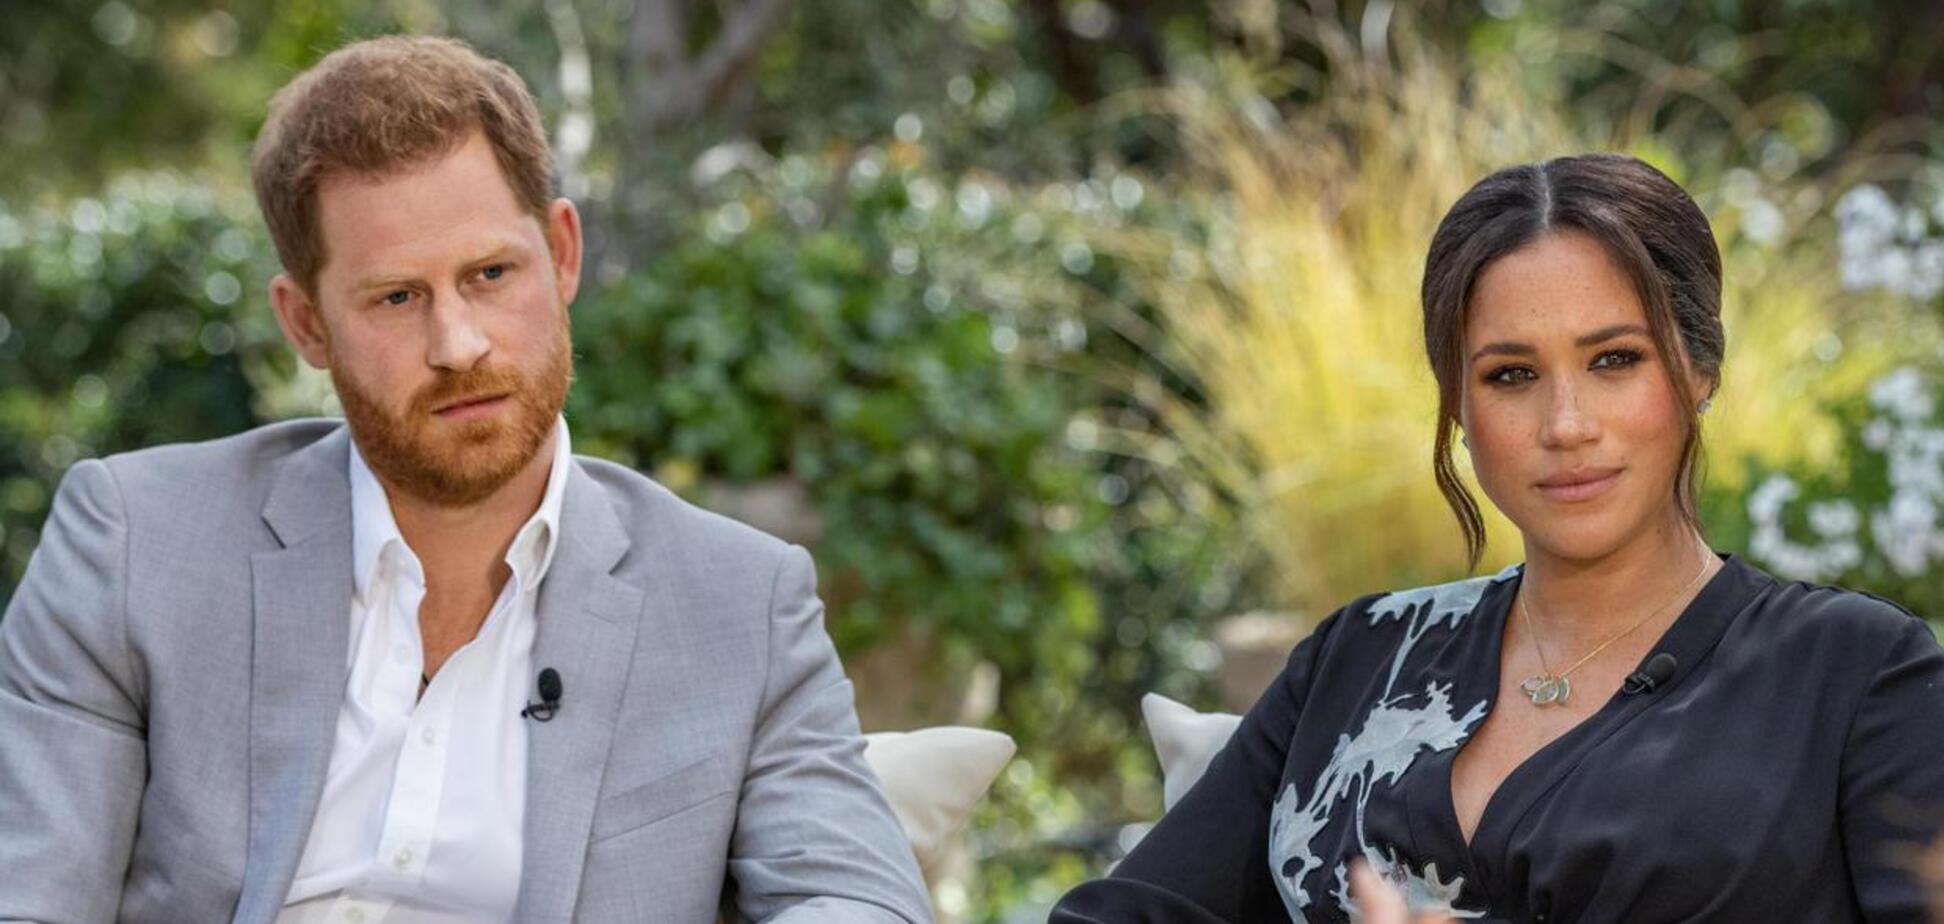 Меган Маркл пожаловалась на расизм в королевской семье